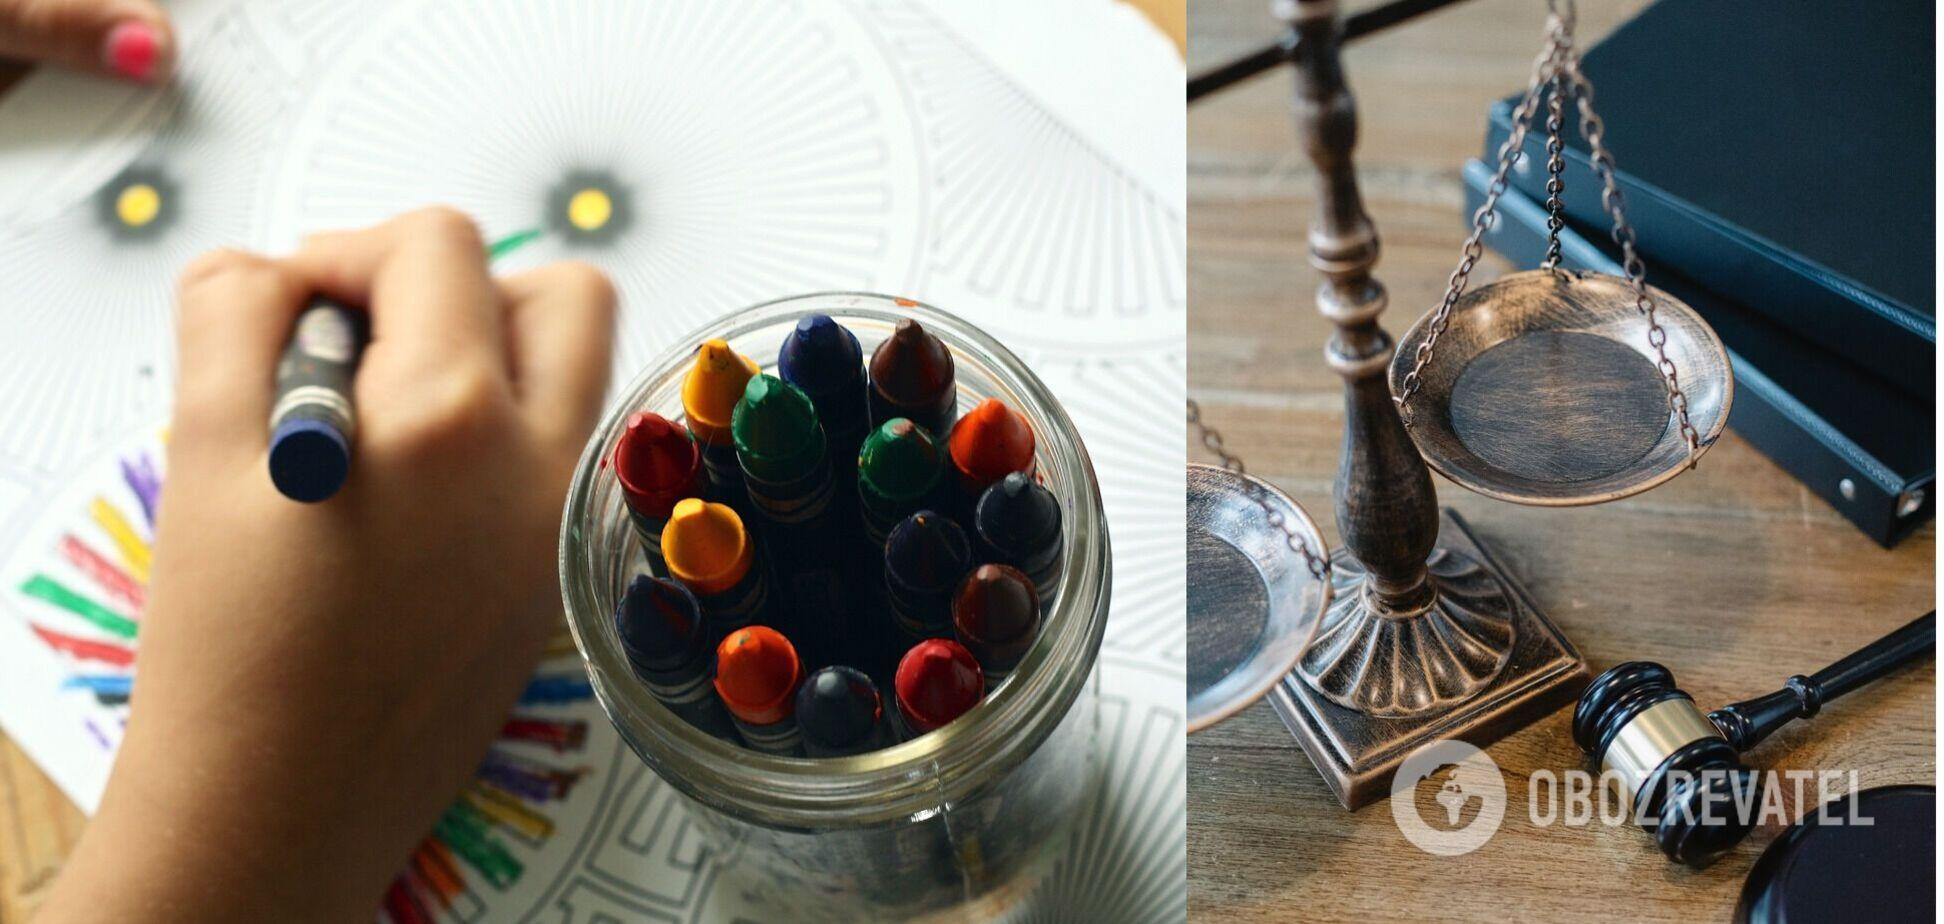 У Білорусі винесли вирок за дитячий малюнок